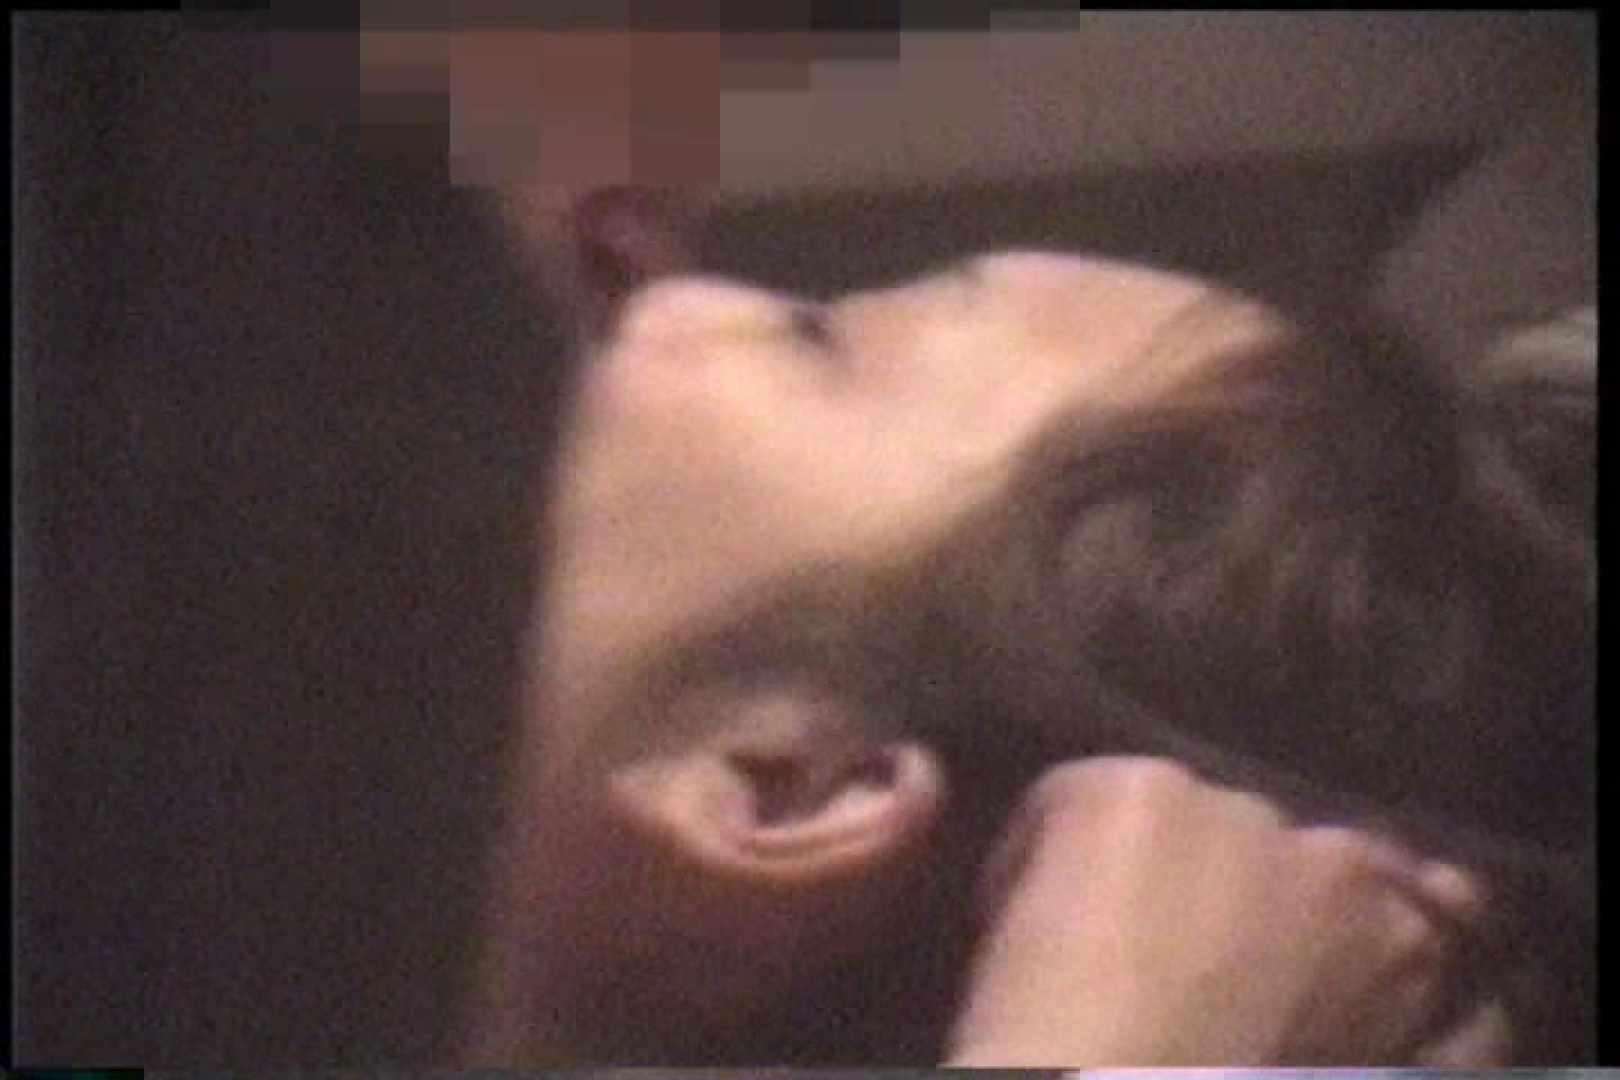 充血監督の深夜の運動会Vol.177 後編 エロティックなOL セックス画像 91画像 71